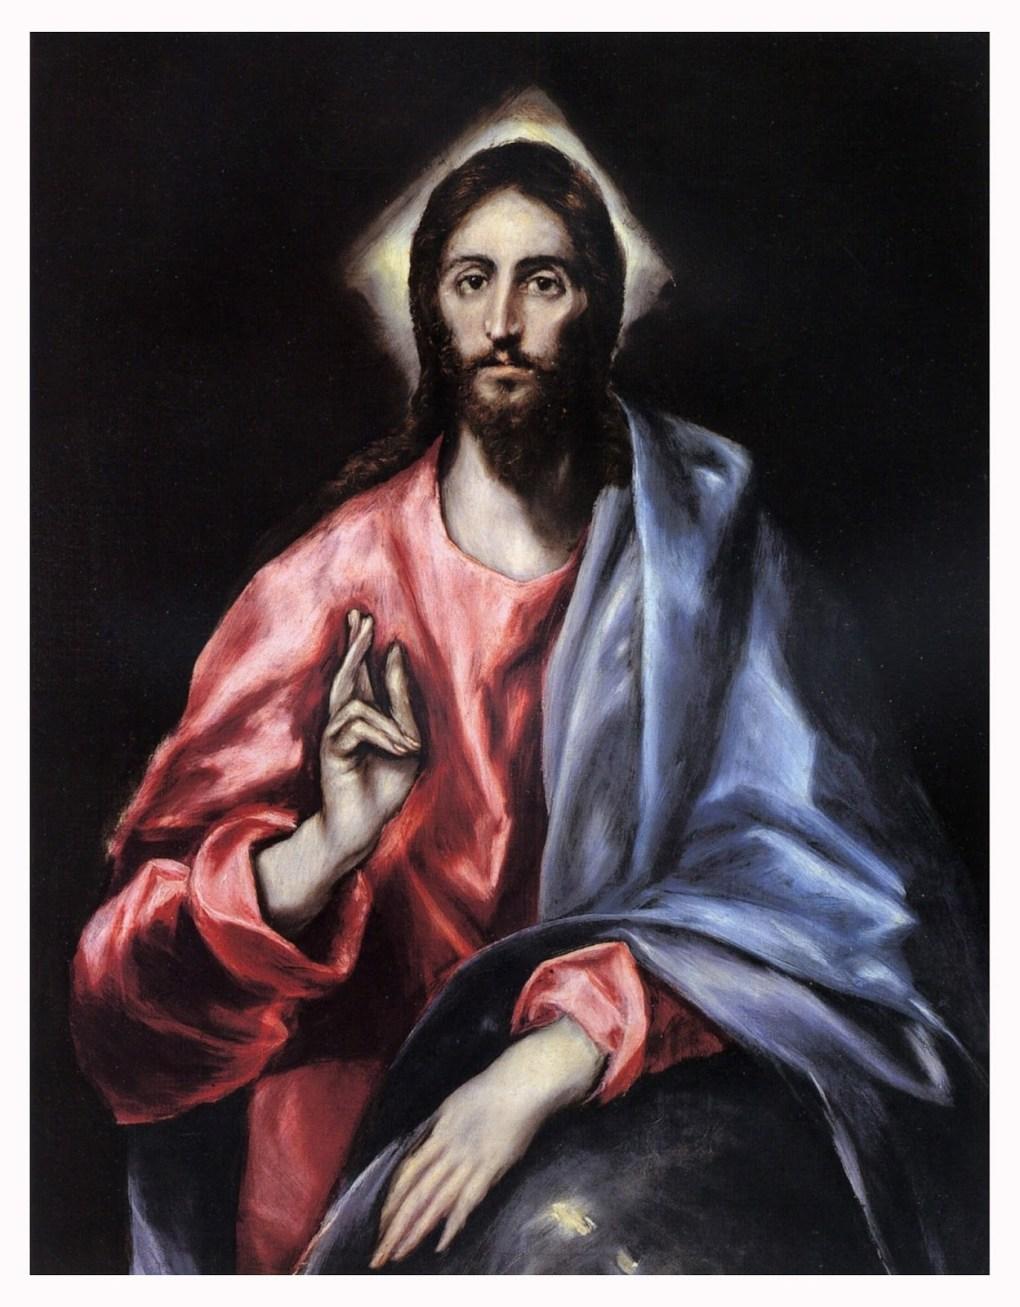 el greco el salvador christ painting